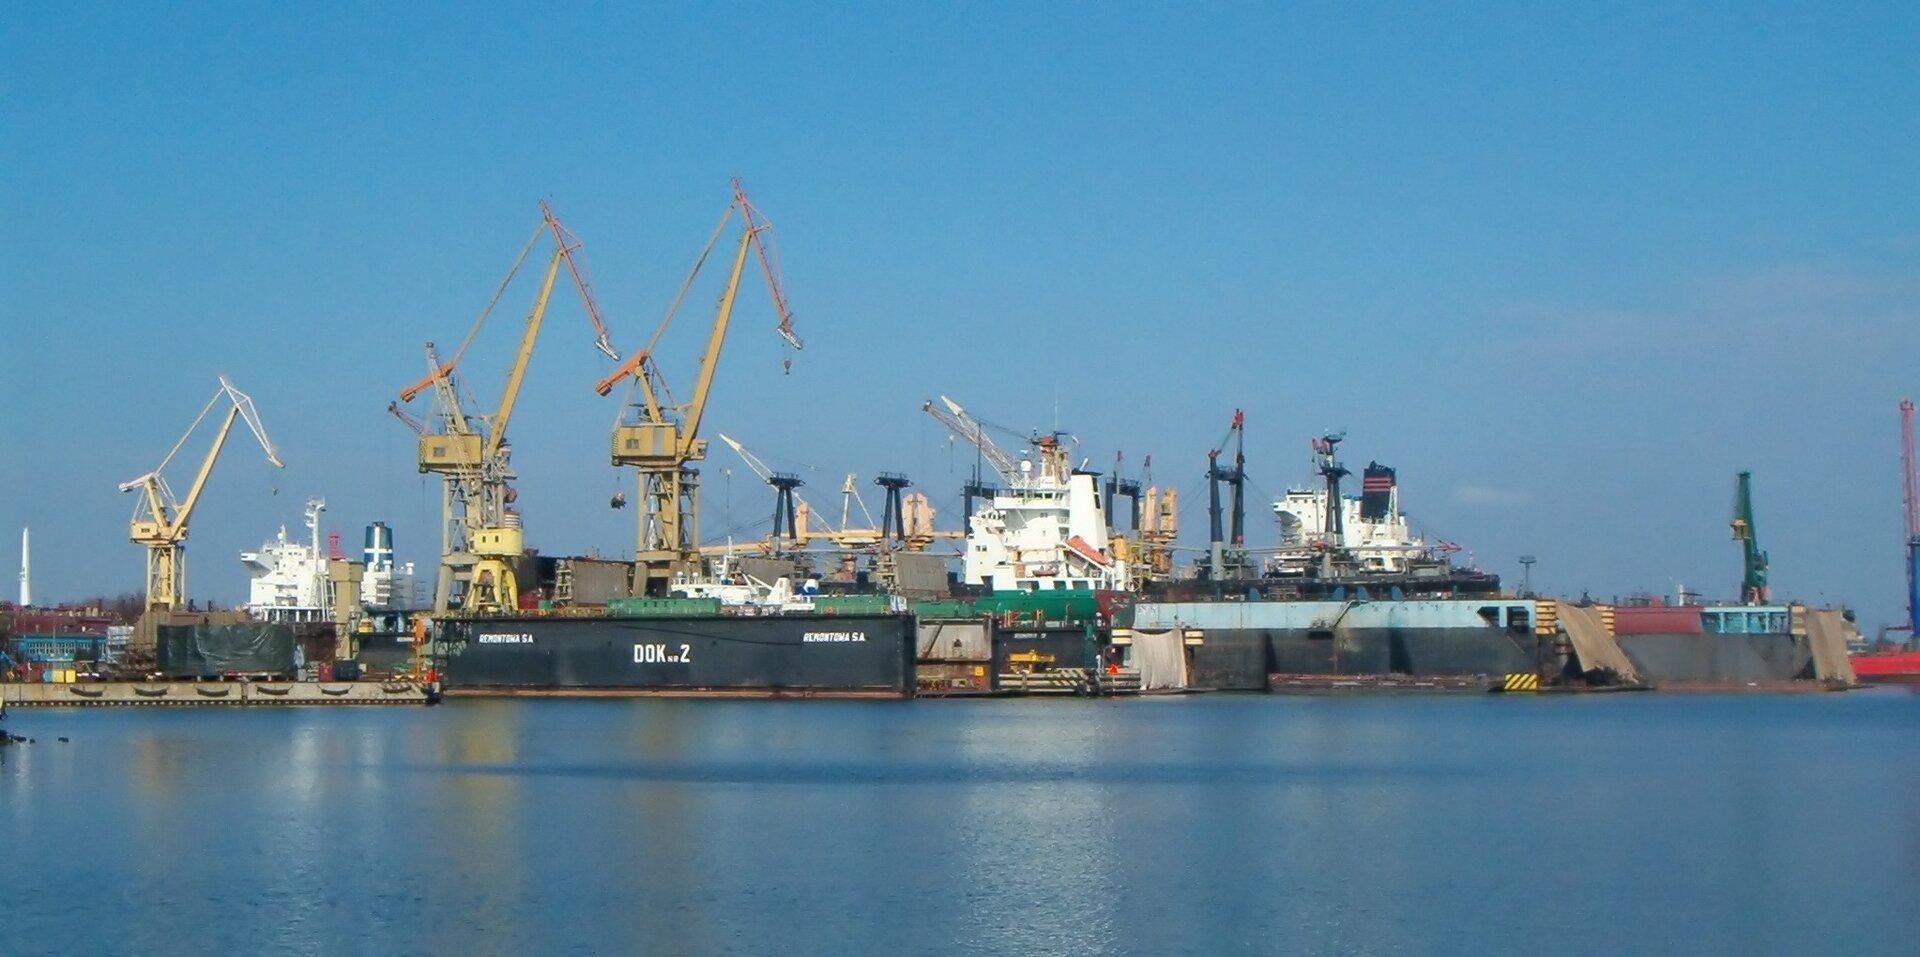 Na zdjęciu stocznia remontowa, liczne zabudowania portowe, dźwigi, kilka statków.